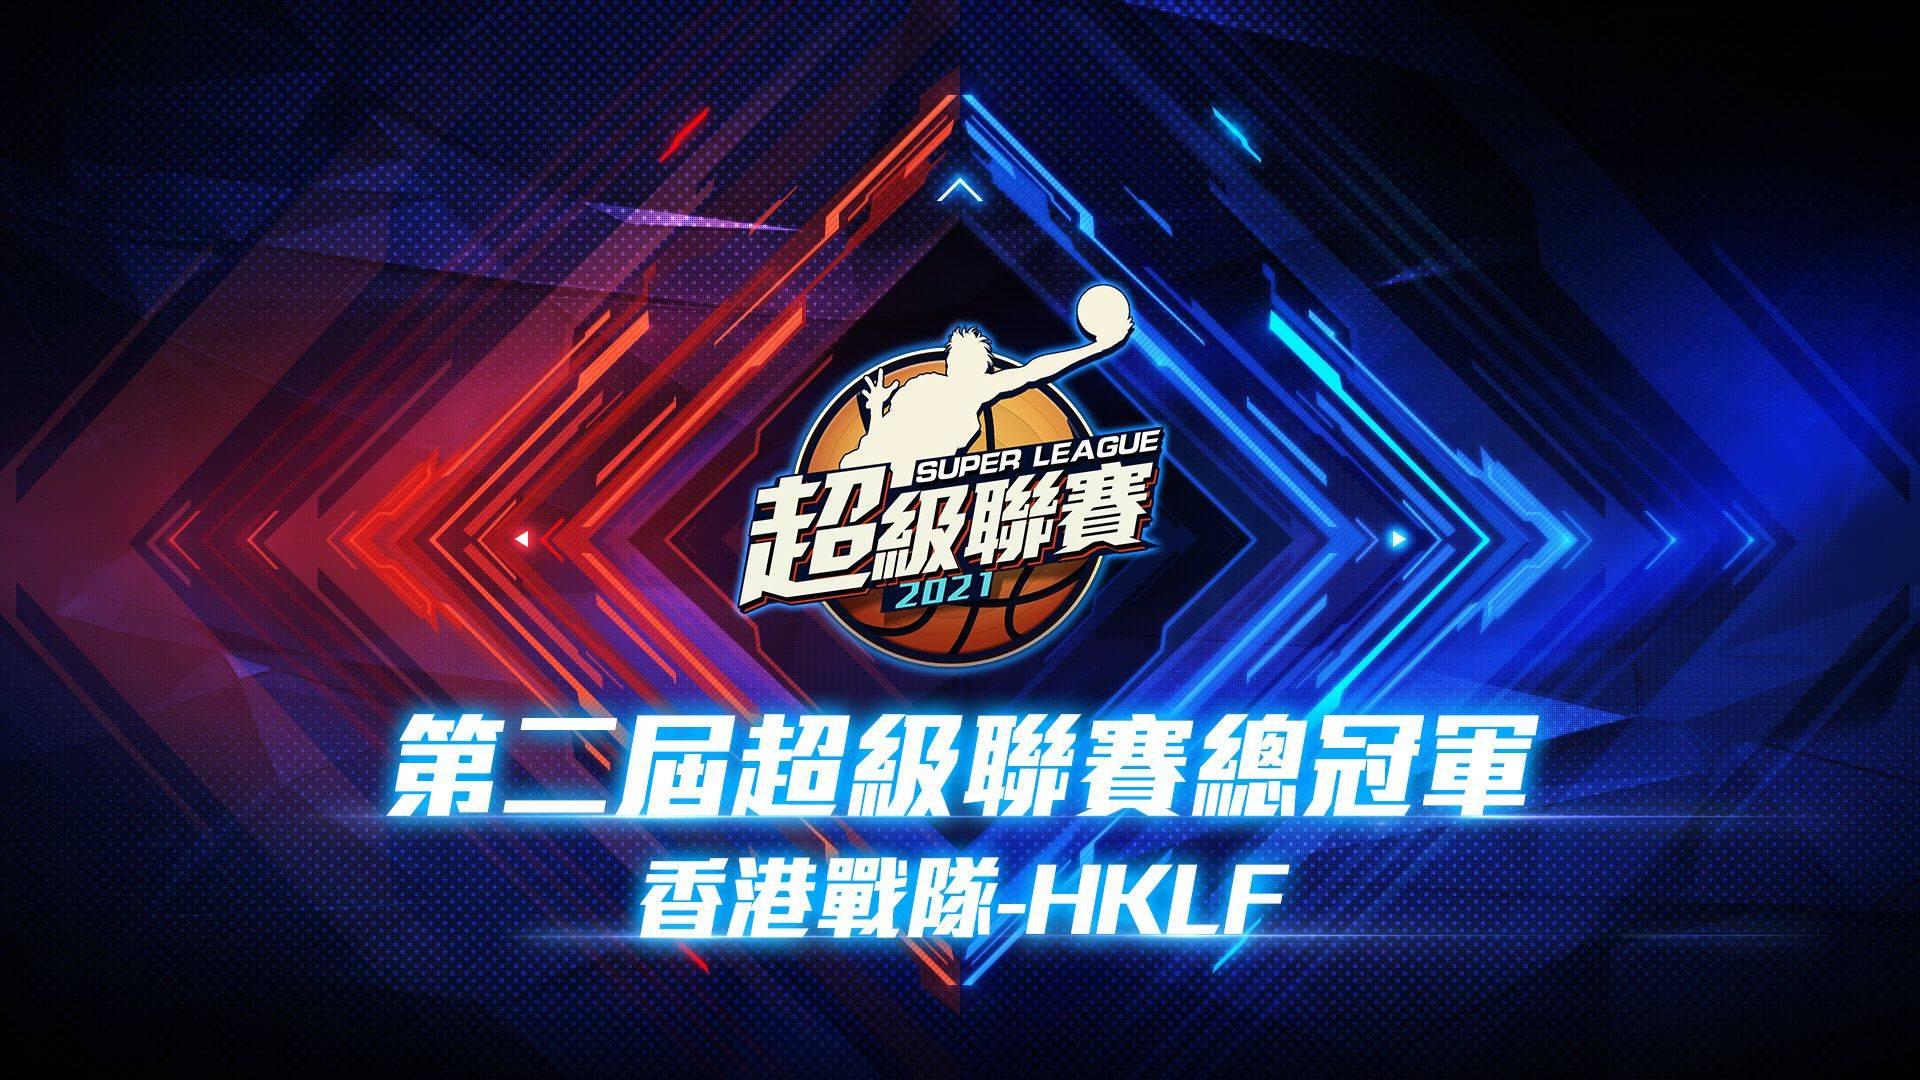 《灌籃高手 SLAM DUNK》「櫻木花道」今日天賦進階登場! 香港戰隊HKLF拿下超級聯賽S2總冠軍!